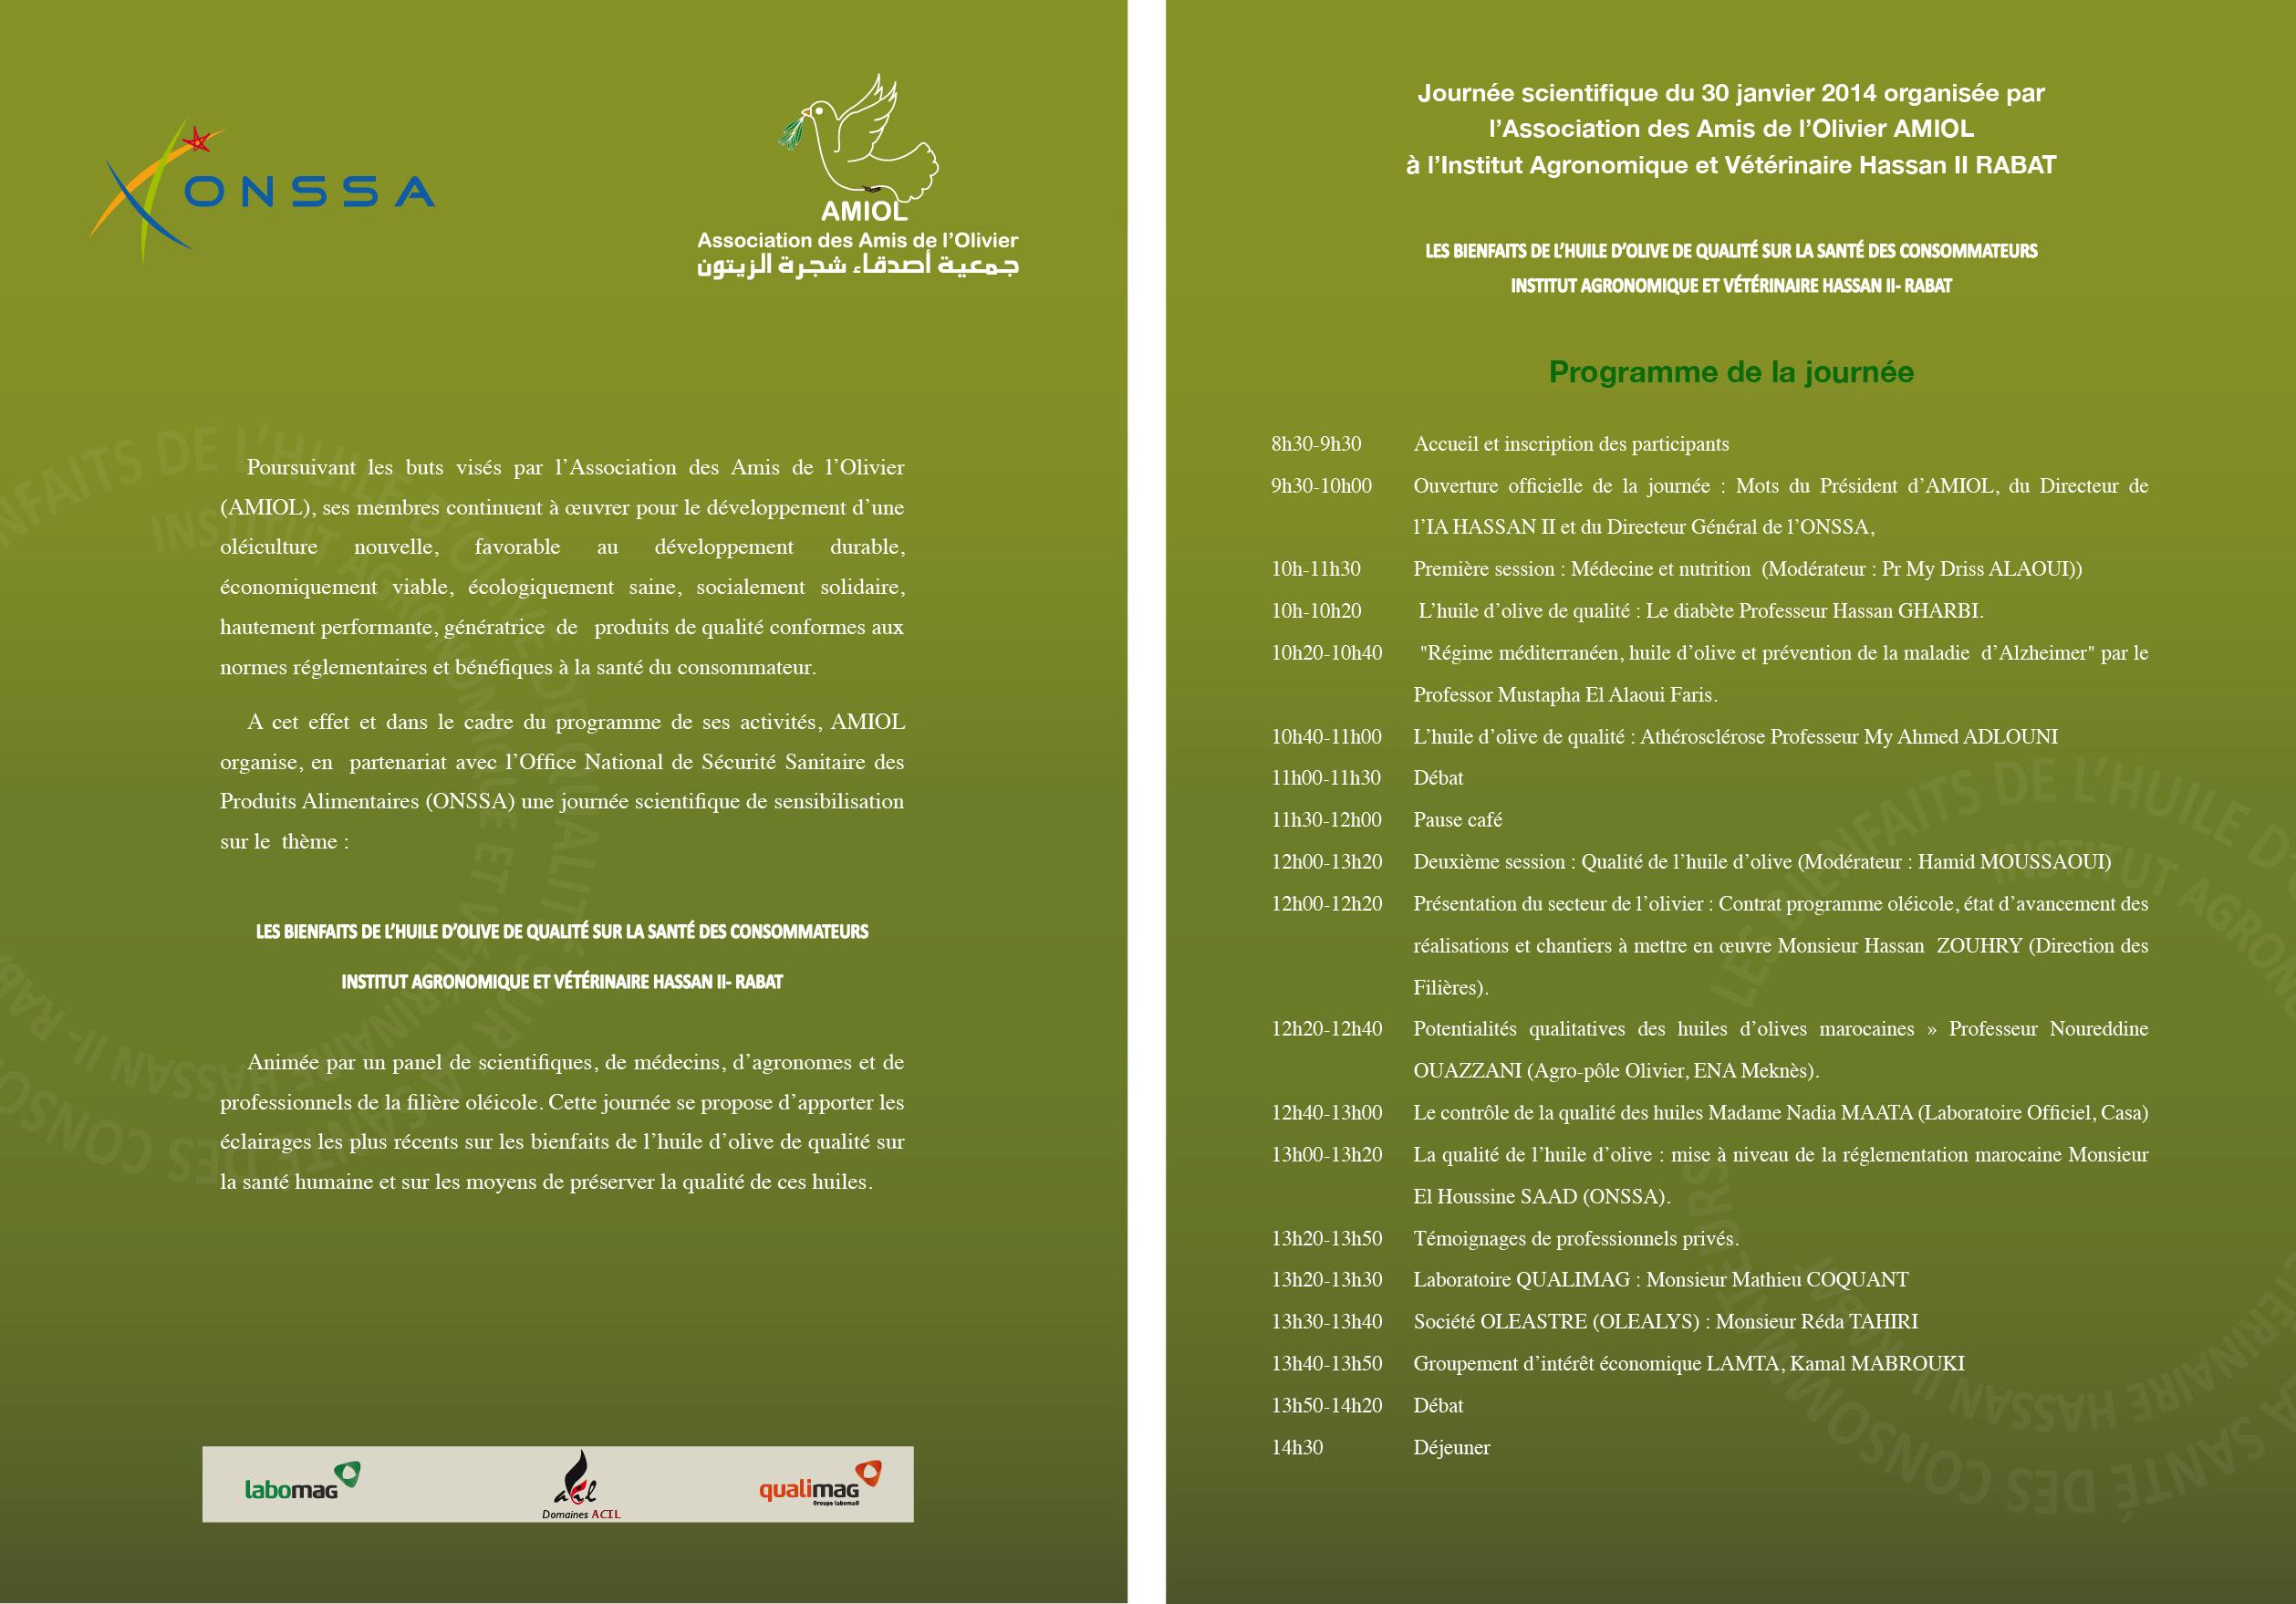 le programme de la journée d'AMIOL du  30 janvier 2014